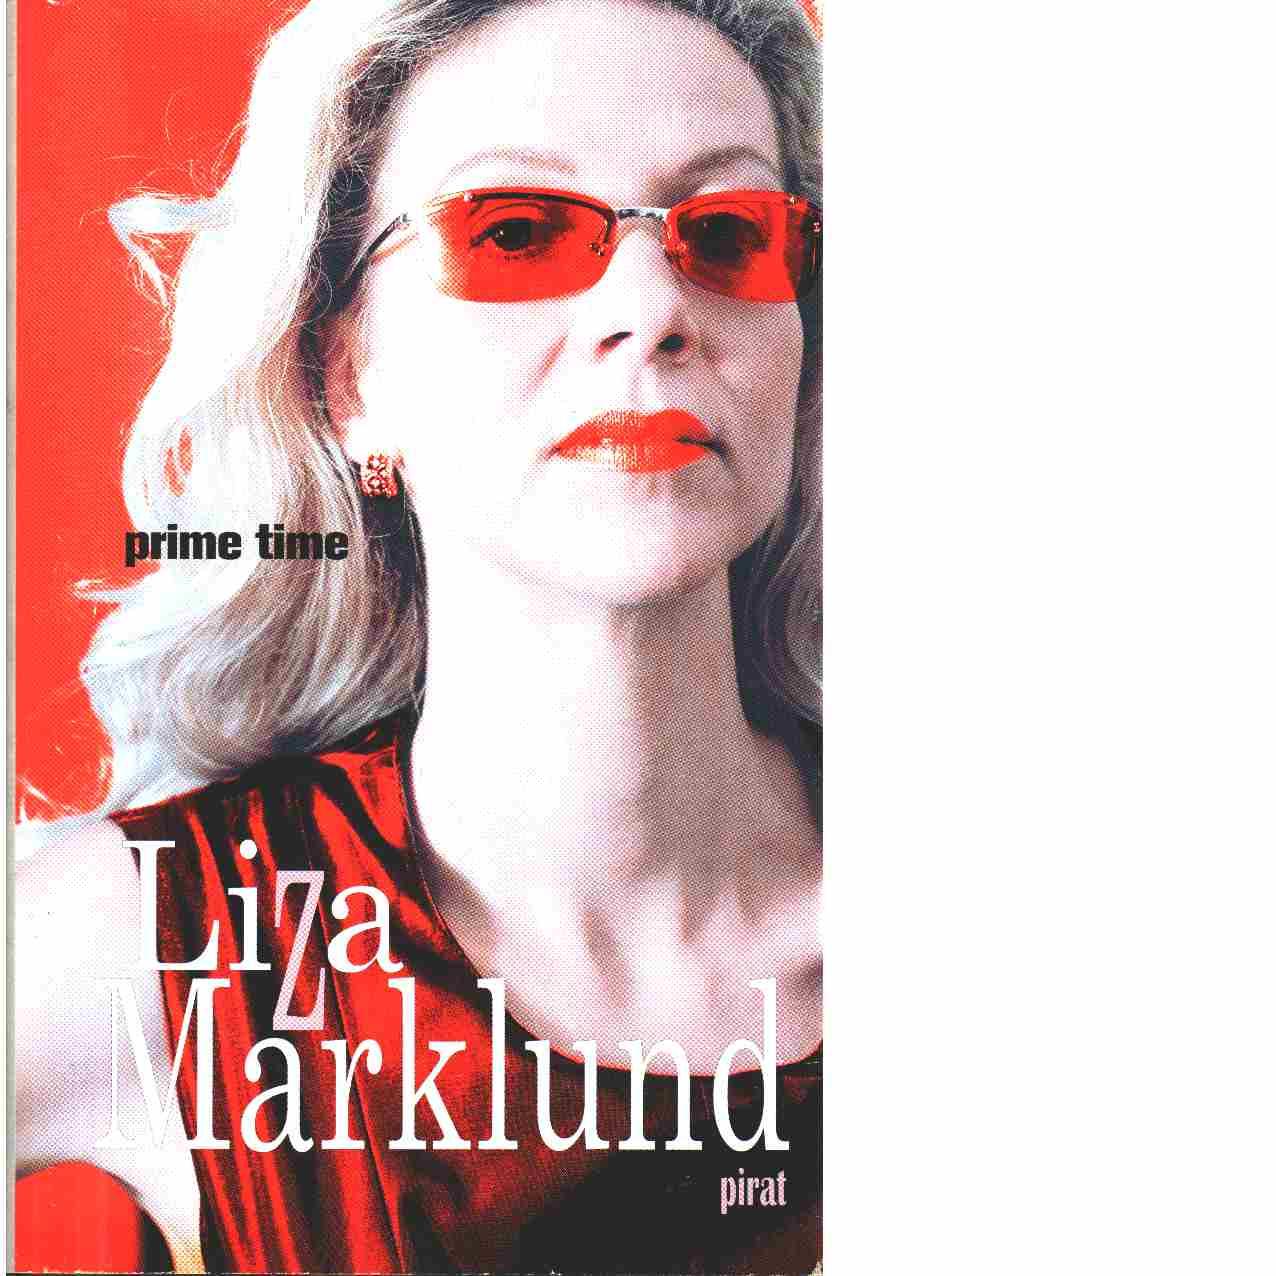 Prime time - Marklund, Liza